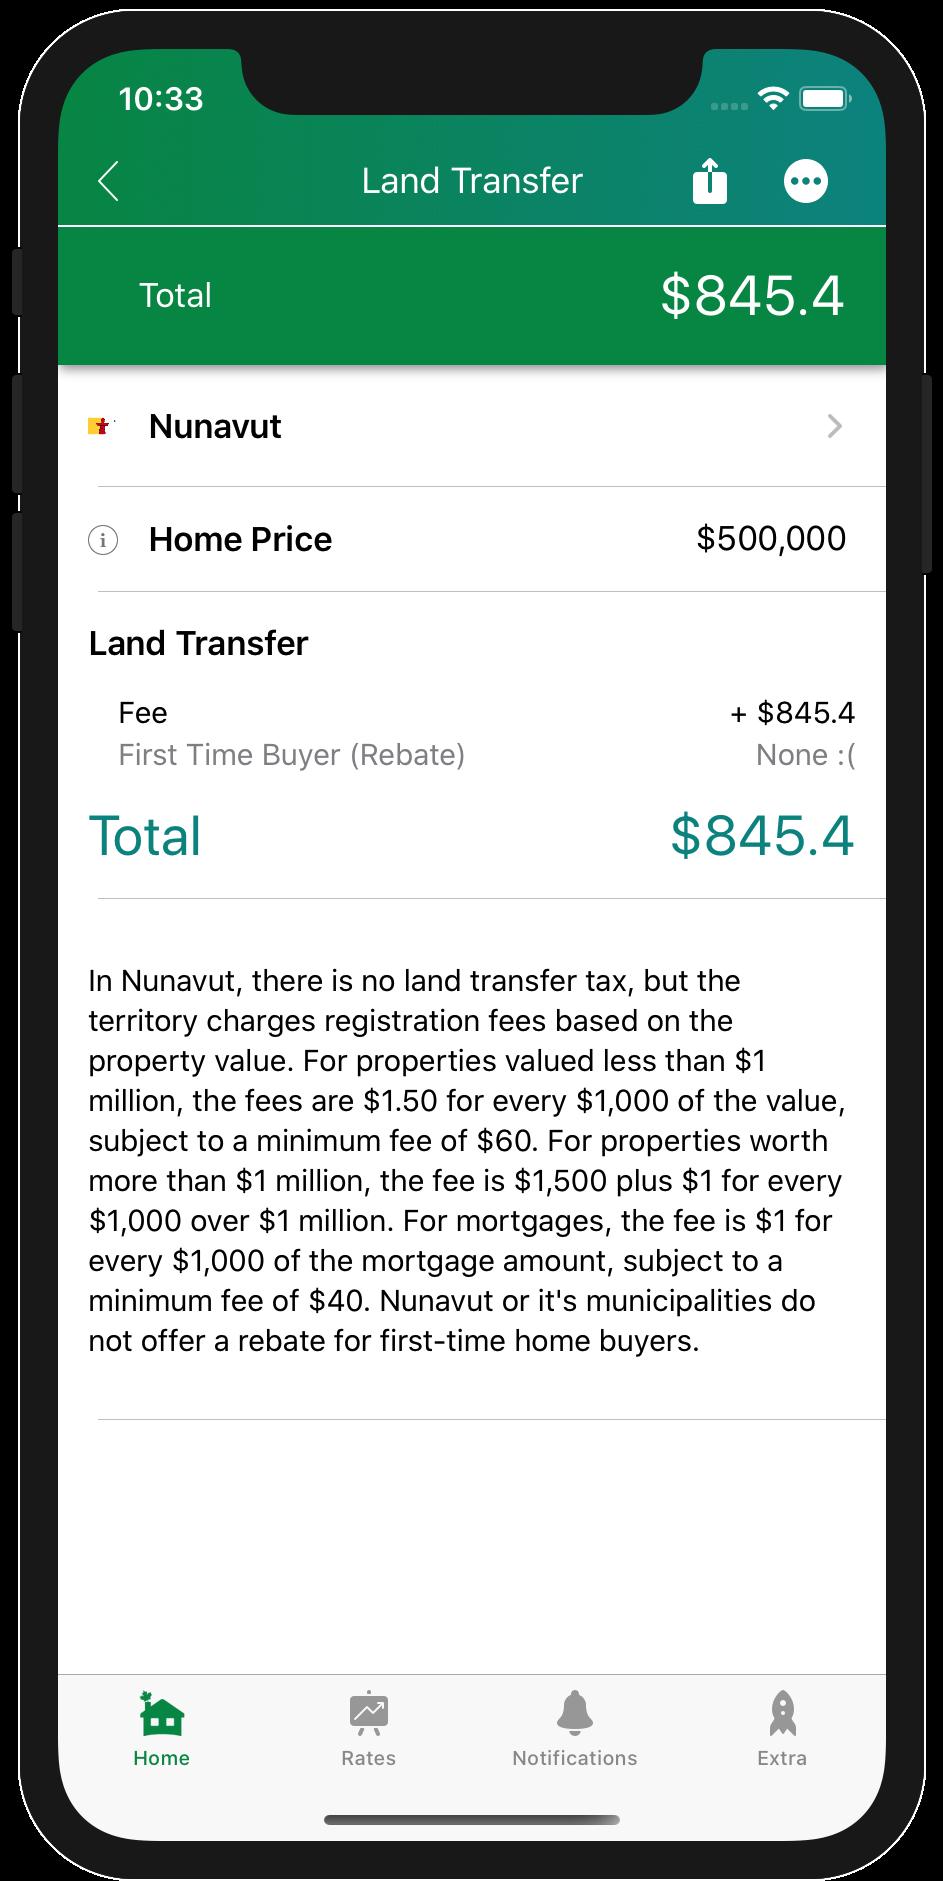 Land Transfer Tax Nunavut